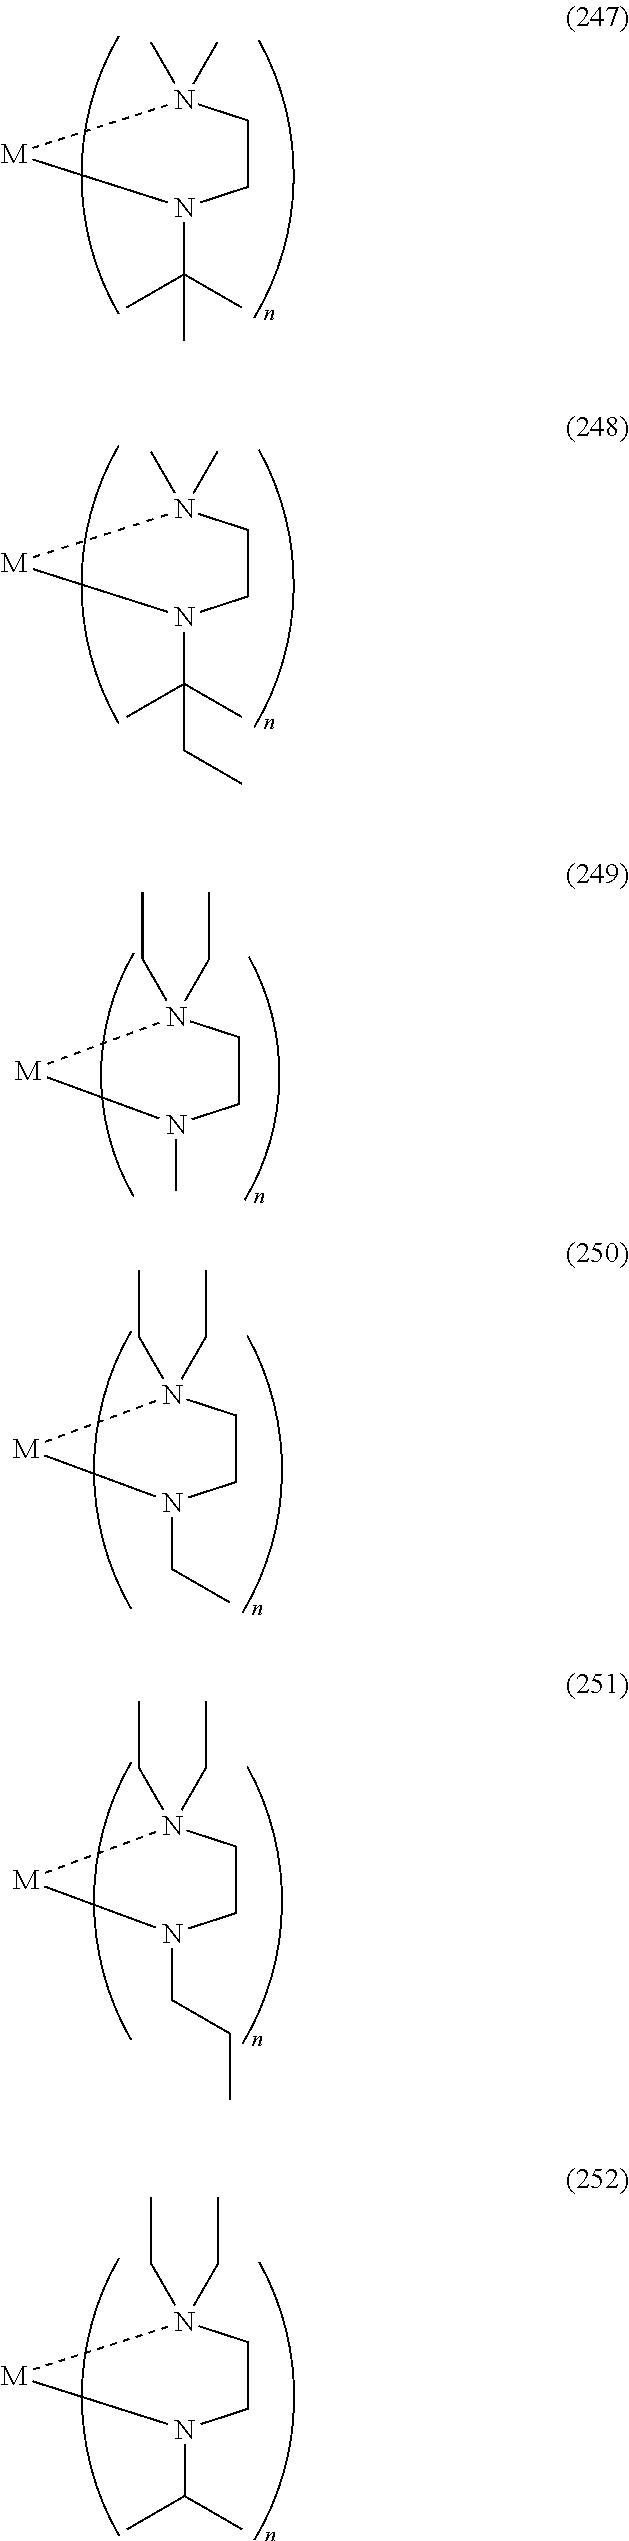 Figure US08871304-20141028-C00050